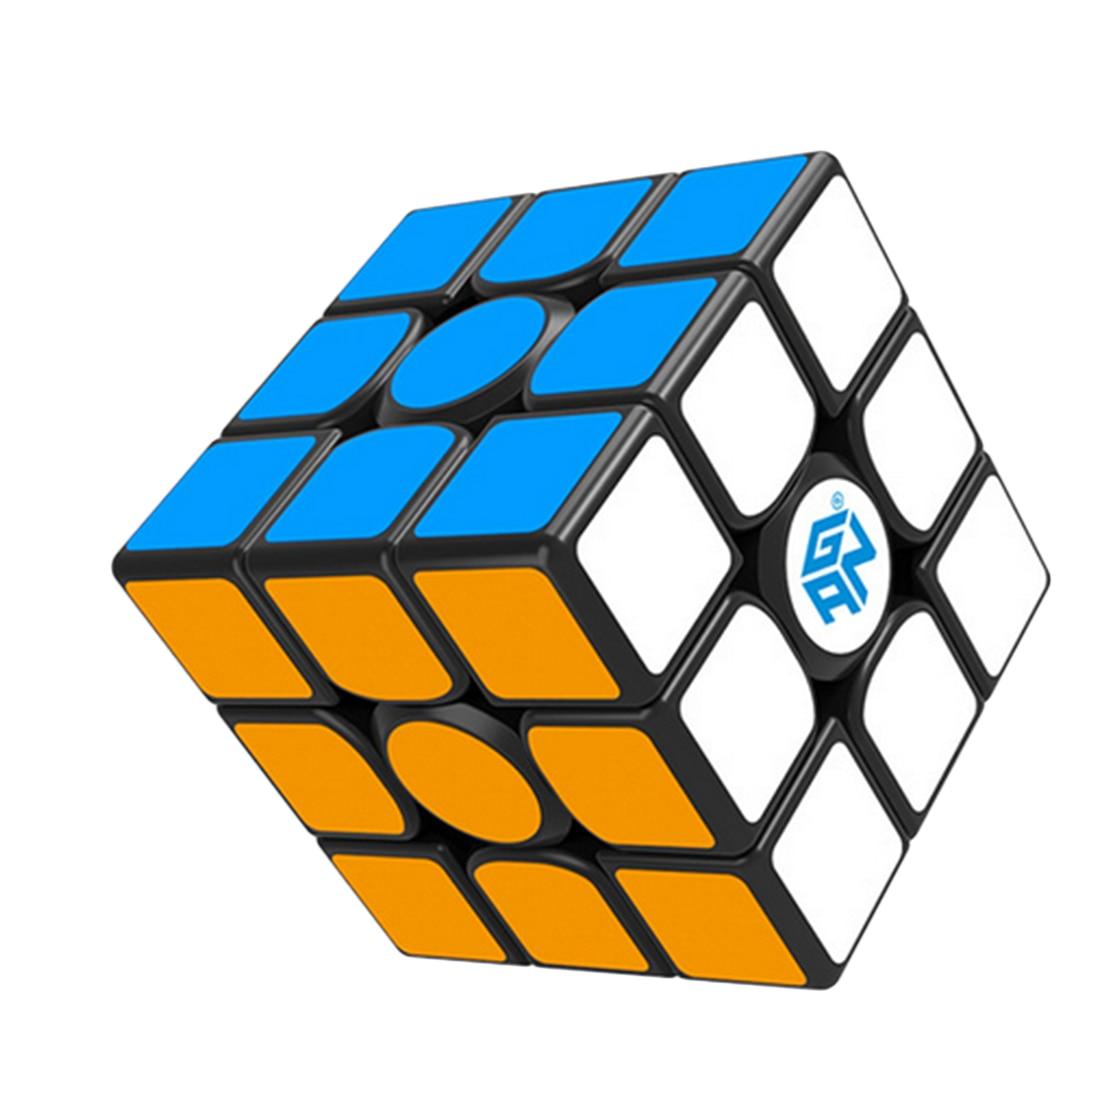 UTOYSLAND 60 pièces GAN356 Air SM Magnétique Version Speedcubing 3x3 Magic Cube pour La Compétition-Noir